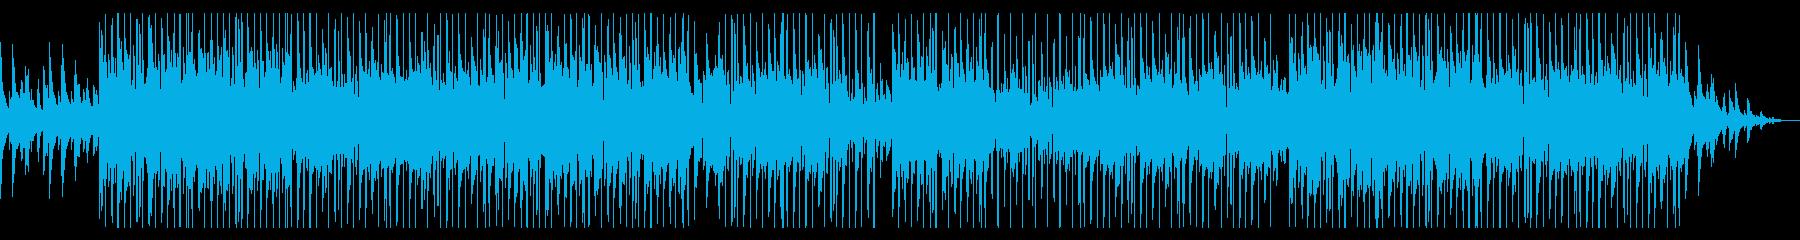 ジャジーでお洒落なピアノのHIPHOPの再生済みの波形